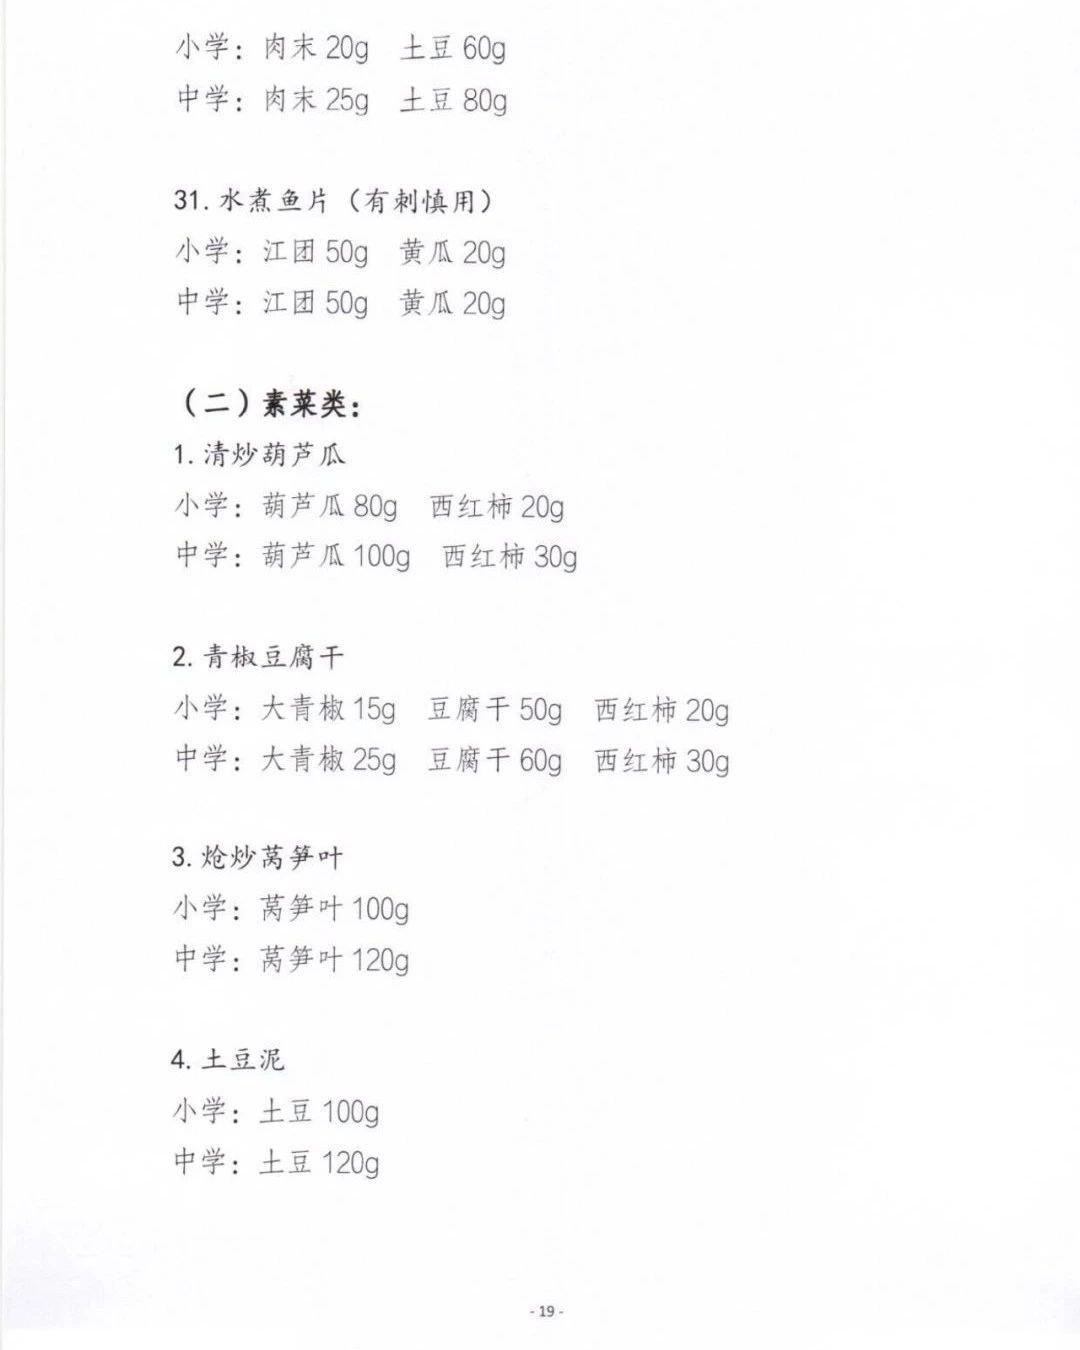 中小学生营养餐建议菜谱(第一批)